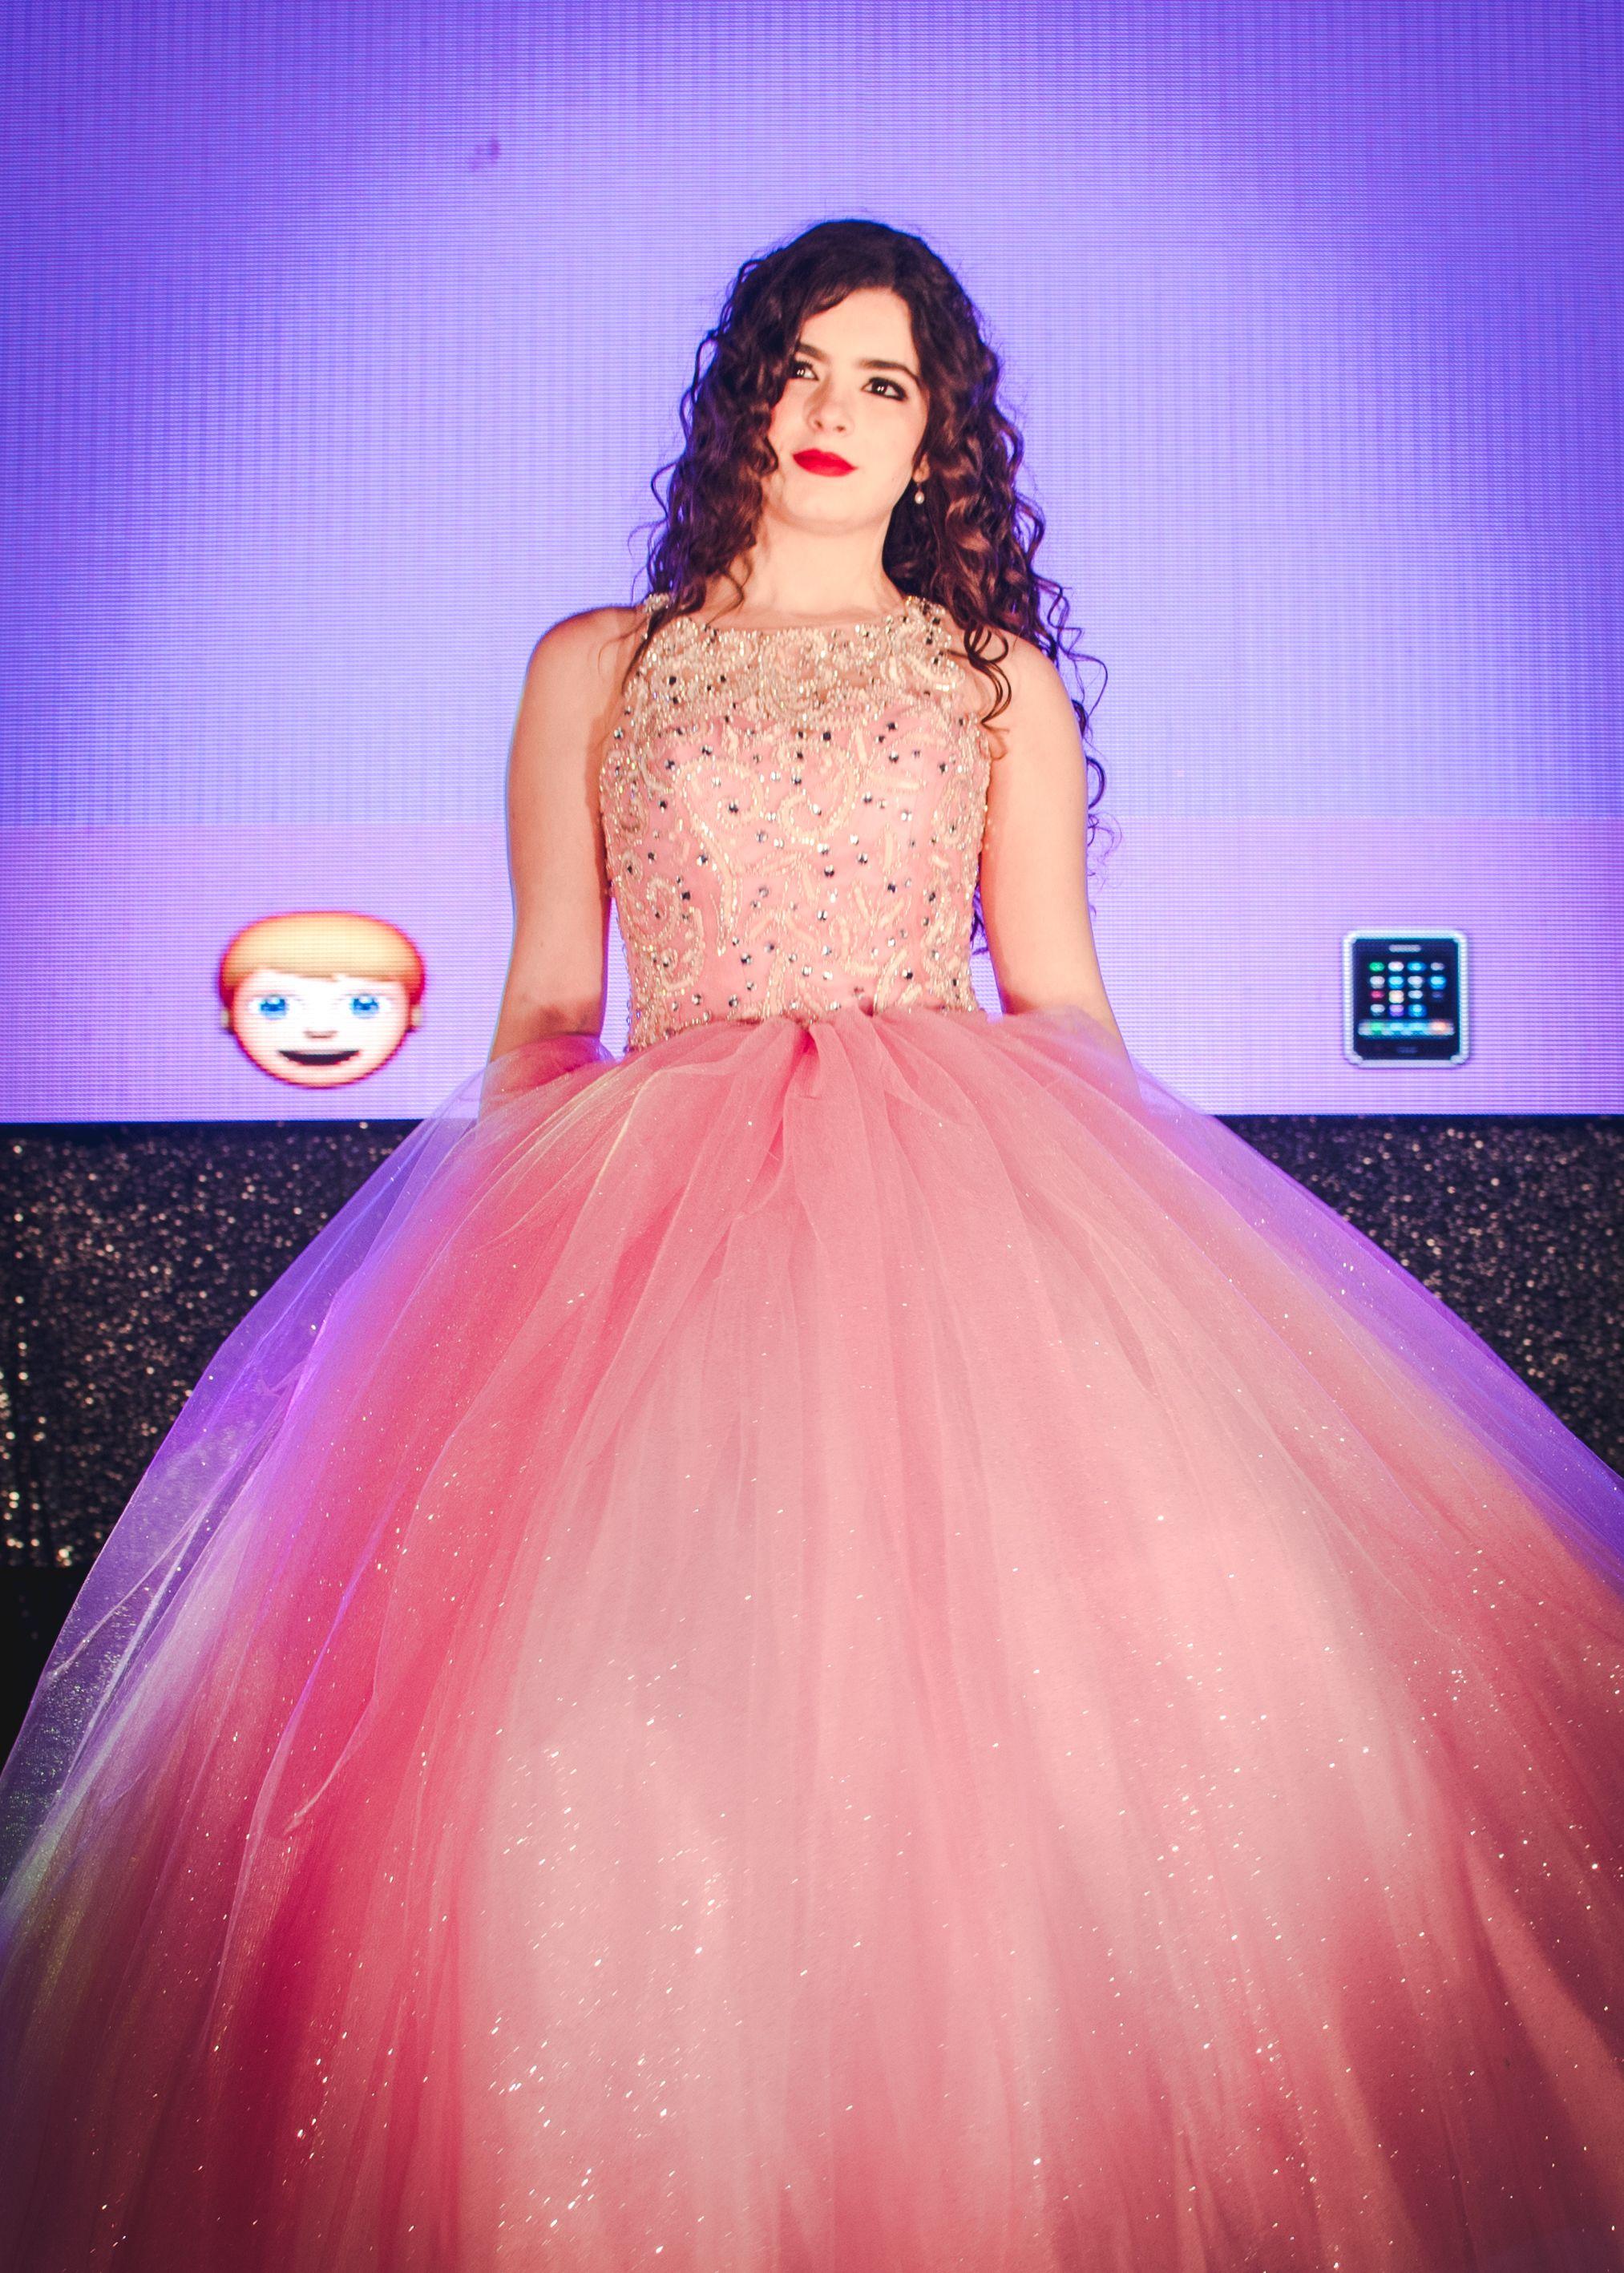 Encantador Emo Vestidos De Baile Bosquejo - Colección de Vestidos de ...